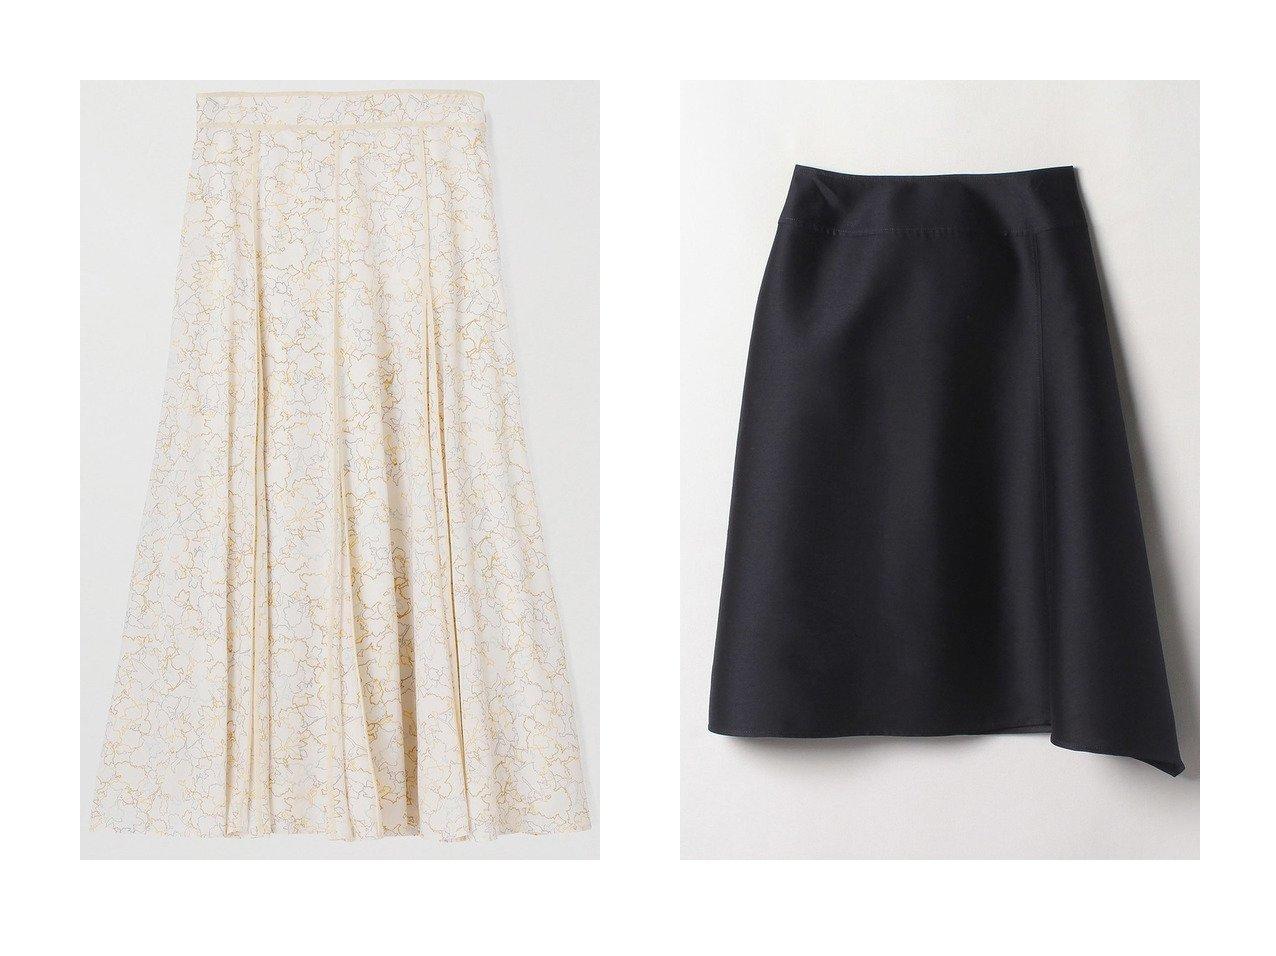 【ANAYI/アナイ】のシルエットモチーフPTフレアスカート&シルクコンツイルアシメスカート スカートのおすすめ!人気、レディースファッションの通販 おすすめファッション通販アイテム インテリア・キッズ・メンズ・レディースファッション・服の通販 founy(ファニー) ファッション Fashion レディース WOMEN ワンピース Dress スカート Skirt Aライン/フレアスカート Flared A-Line Skirts とろみ イエロー セットアップ ツイル パウダー フォルム フレア プリント モチーフ ロング 春 シルク イエロー系 Yellow ホワイト系 White ブルー系 Blue |ID:crp329100000004923